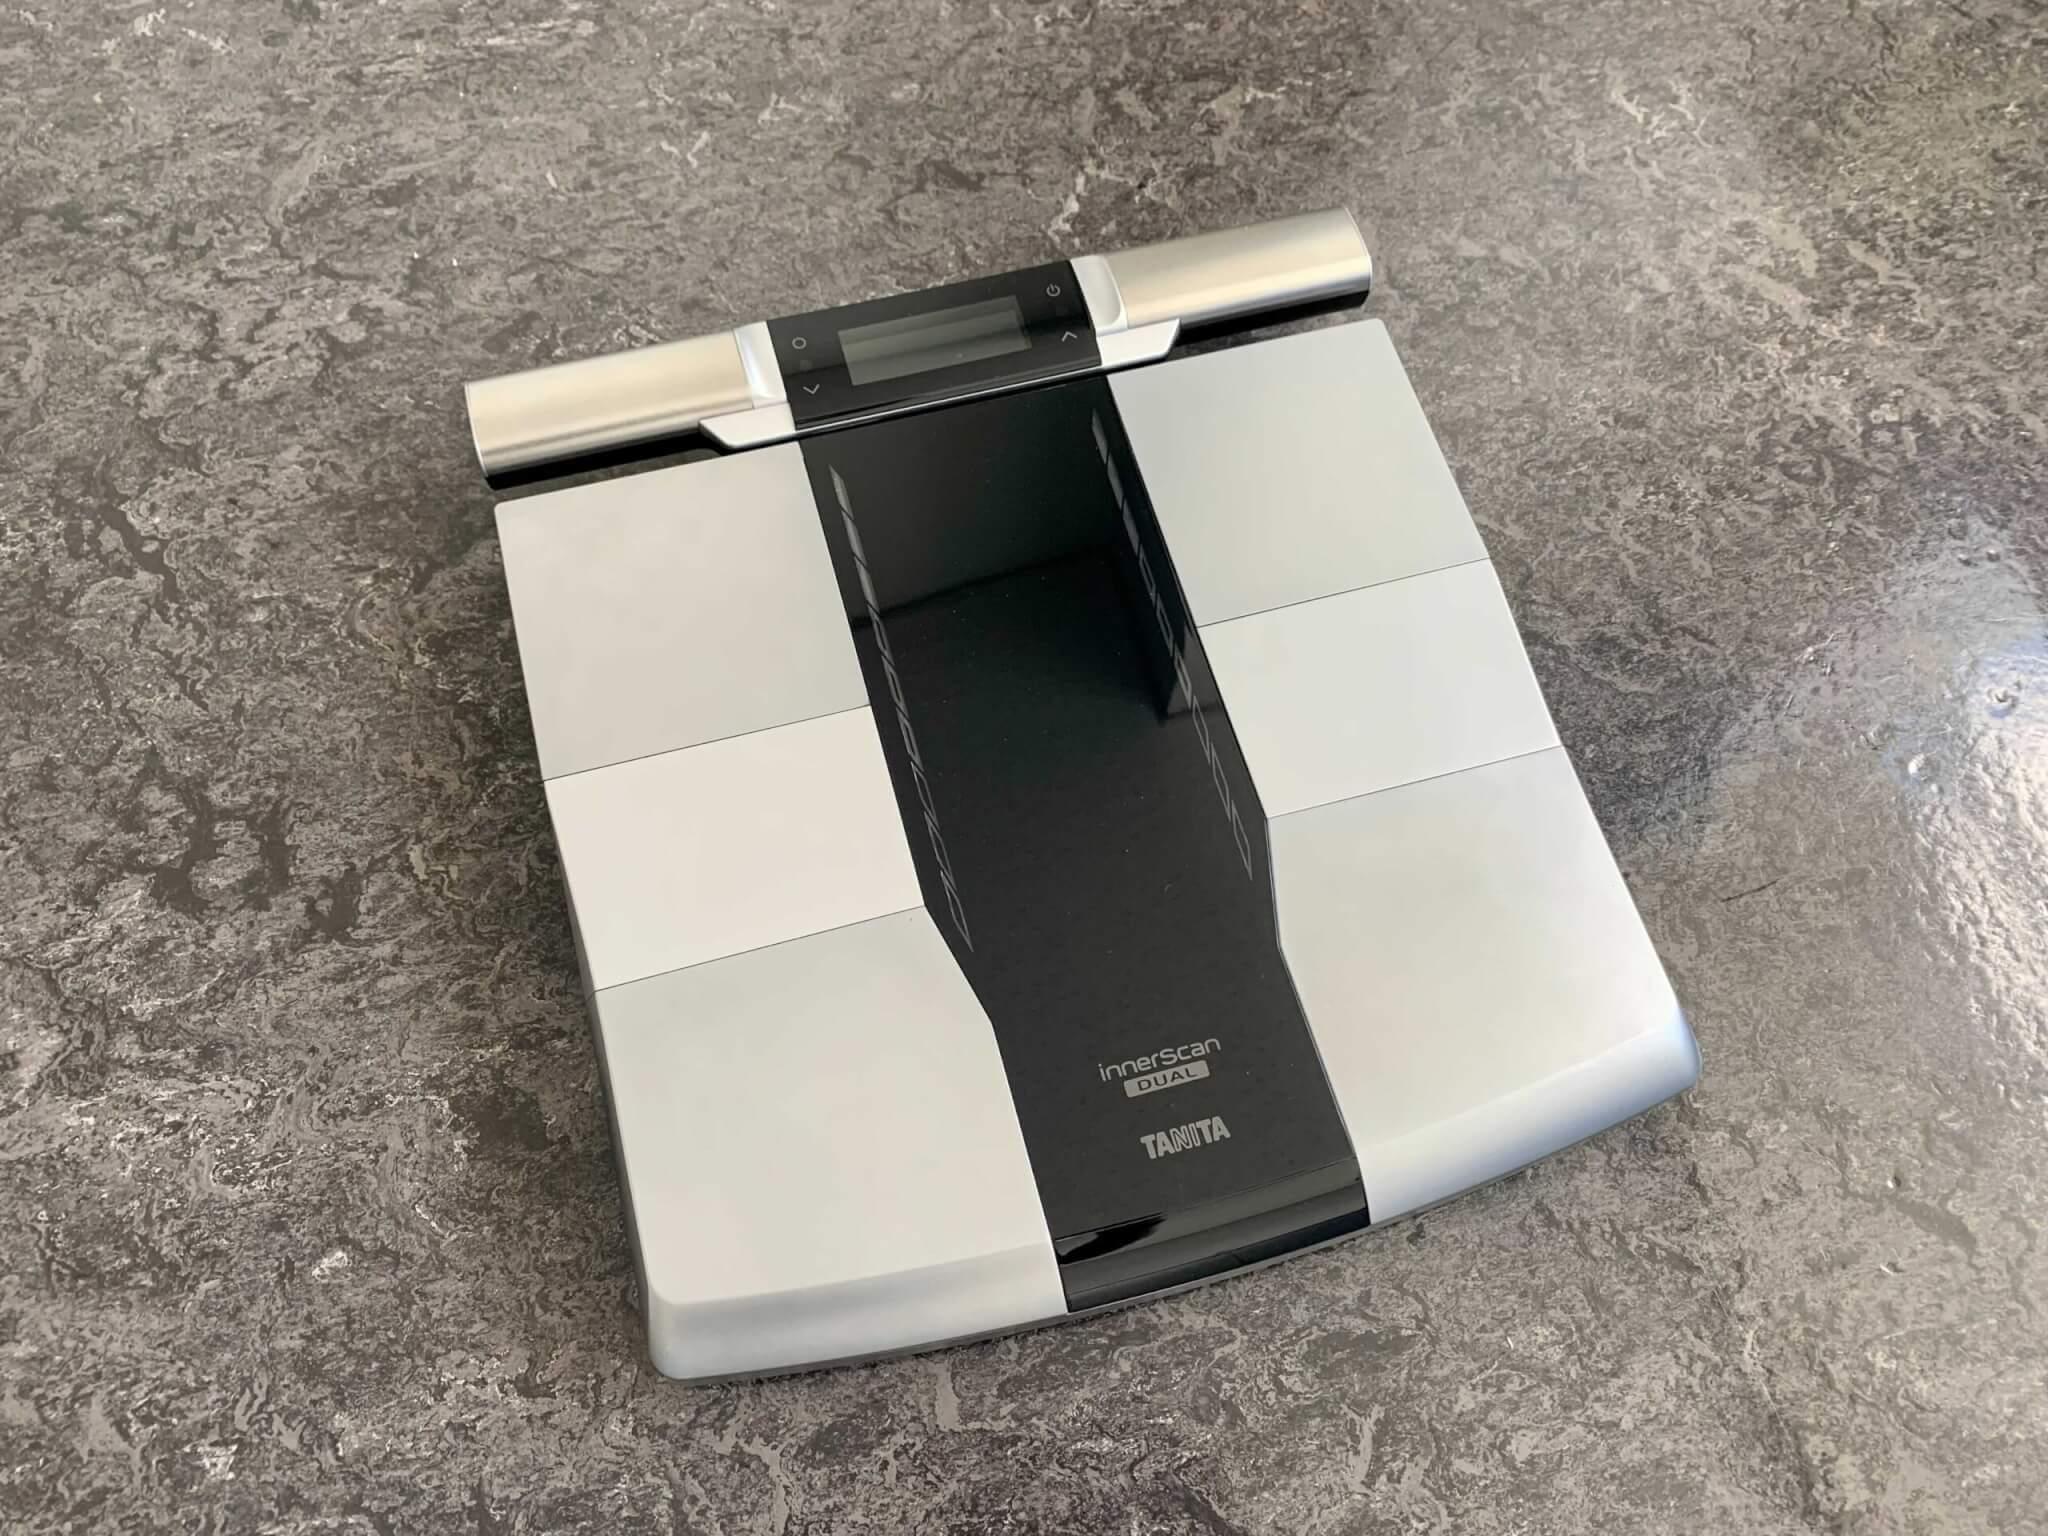 タニタのデュアルタイプ体組成計 インナースキャンデュアル RD-800をレビュー!部位別に測定できる